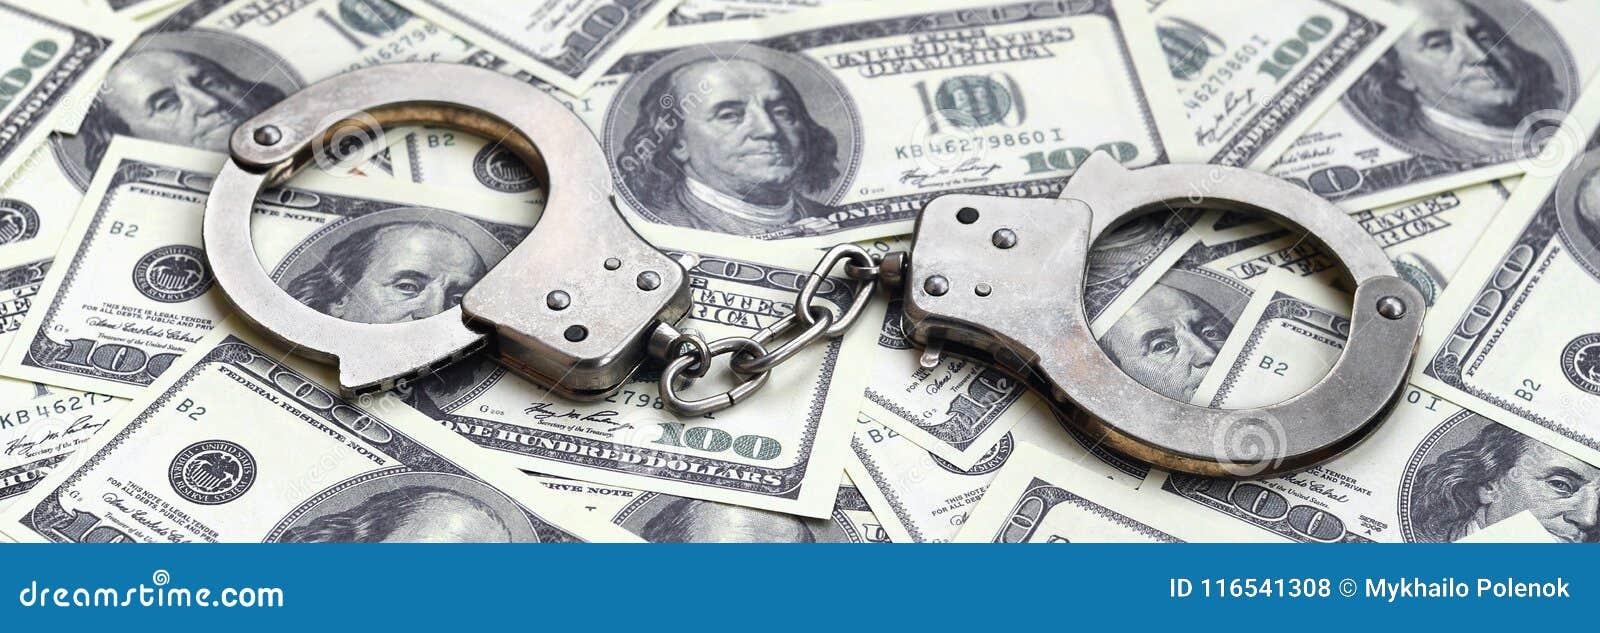 Οι χειροπέδες αστυνομίας βρίσκονται σε πολλούς λογαριασμούς δολαρίων Η έννοια της παράνομης κατοχής των χρημάτων, παράνομες συναλ